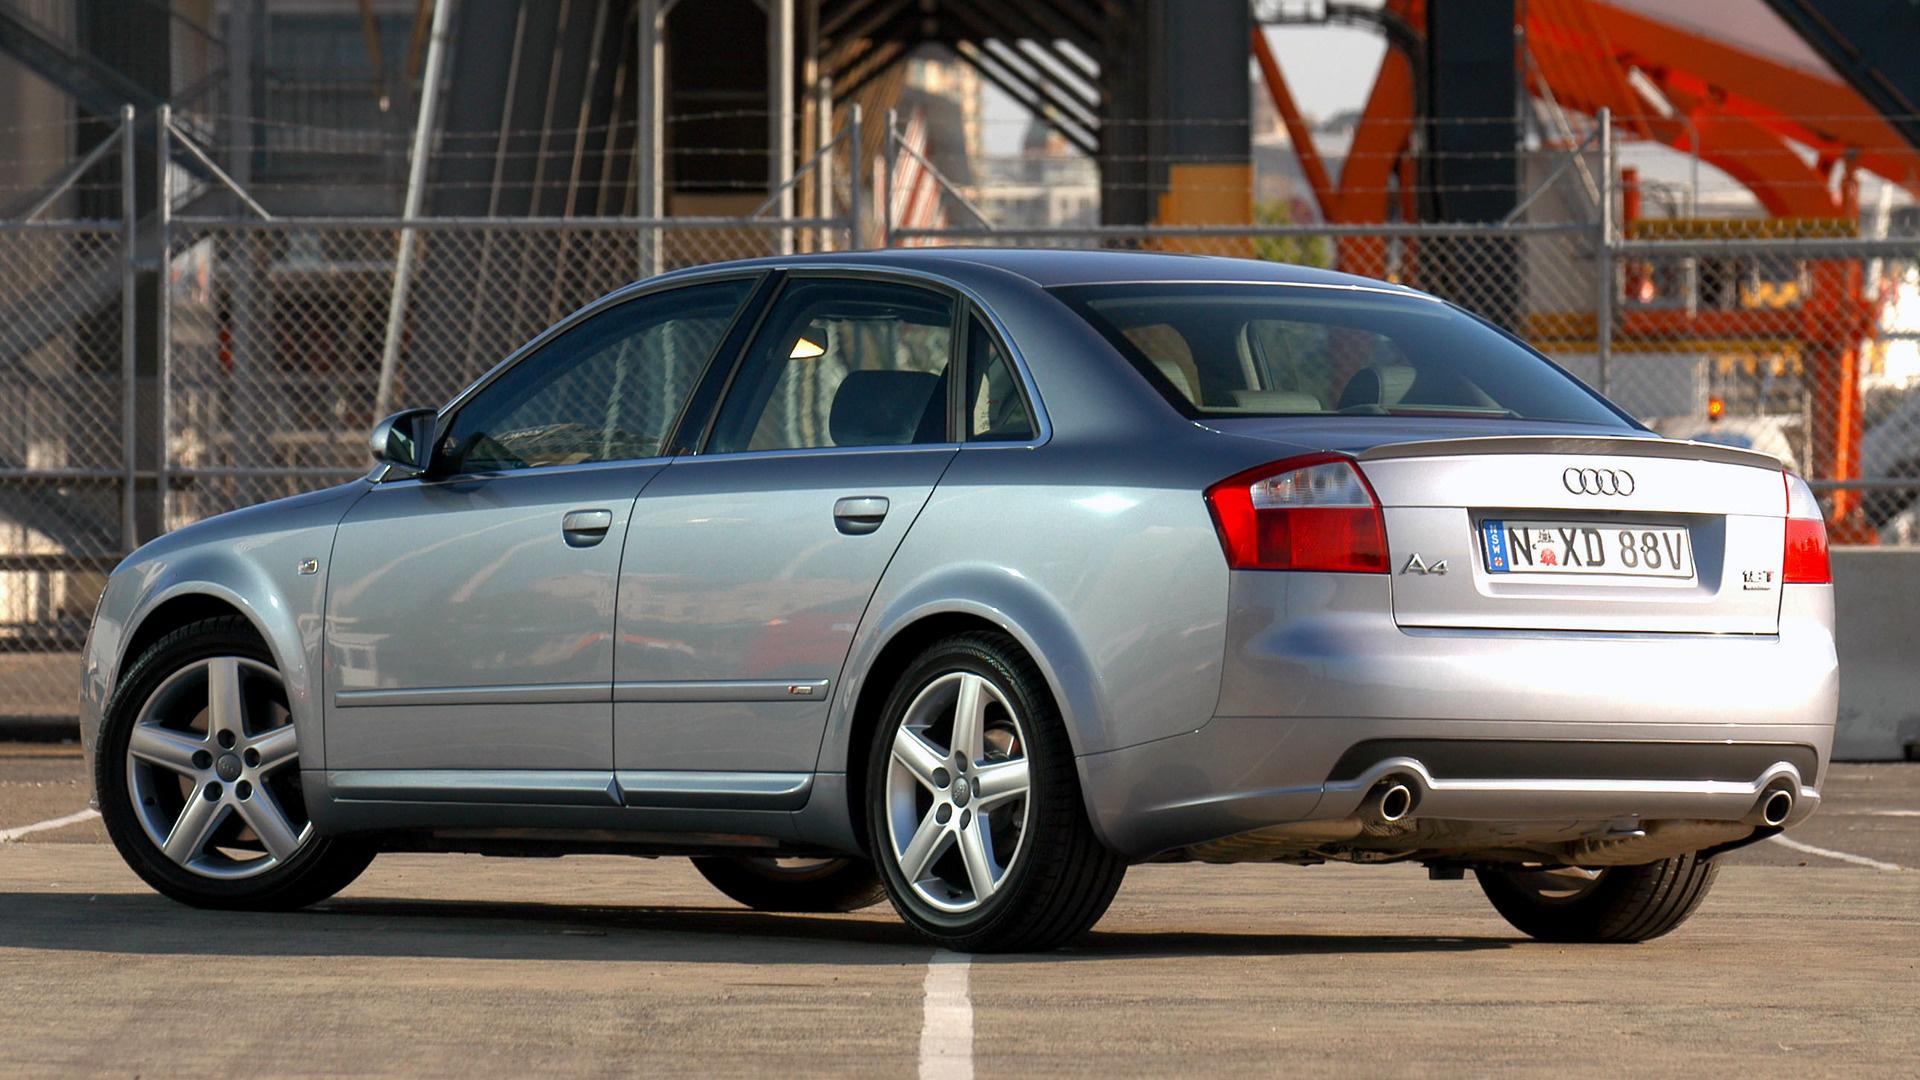 2001 Audi A4 Sedan S Line  Au